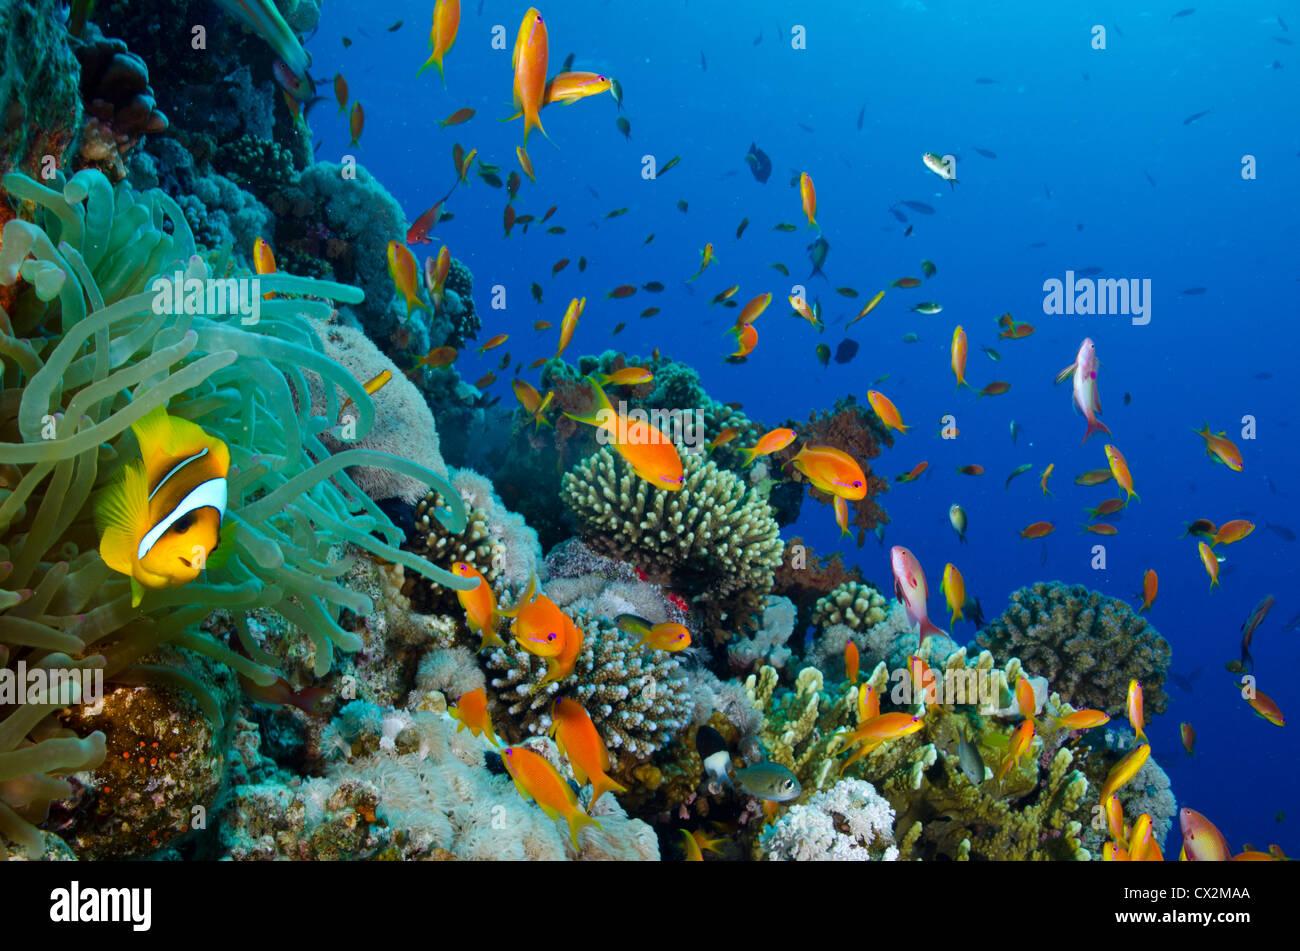 Coral Reef, Mar Rosso, Egitto, subacquea, reef tropicali, acqua azzurra, scuba diving,, oceano mare, pesce, Sea Immagini Stock